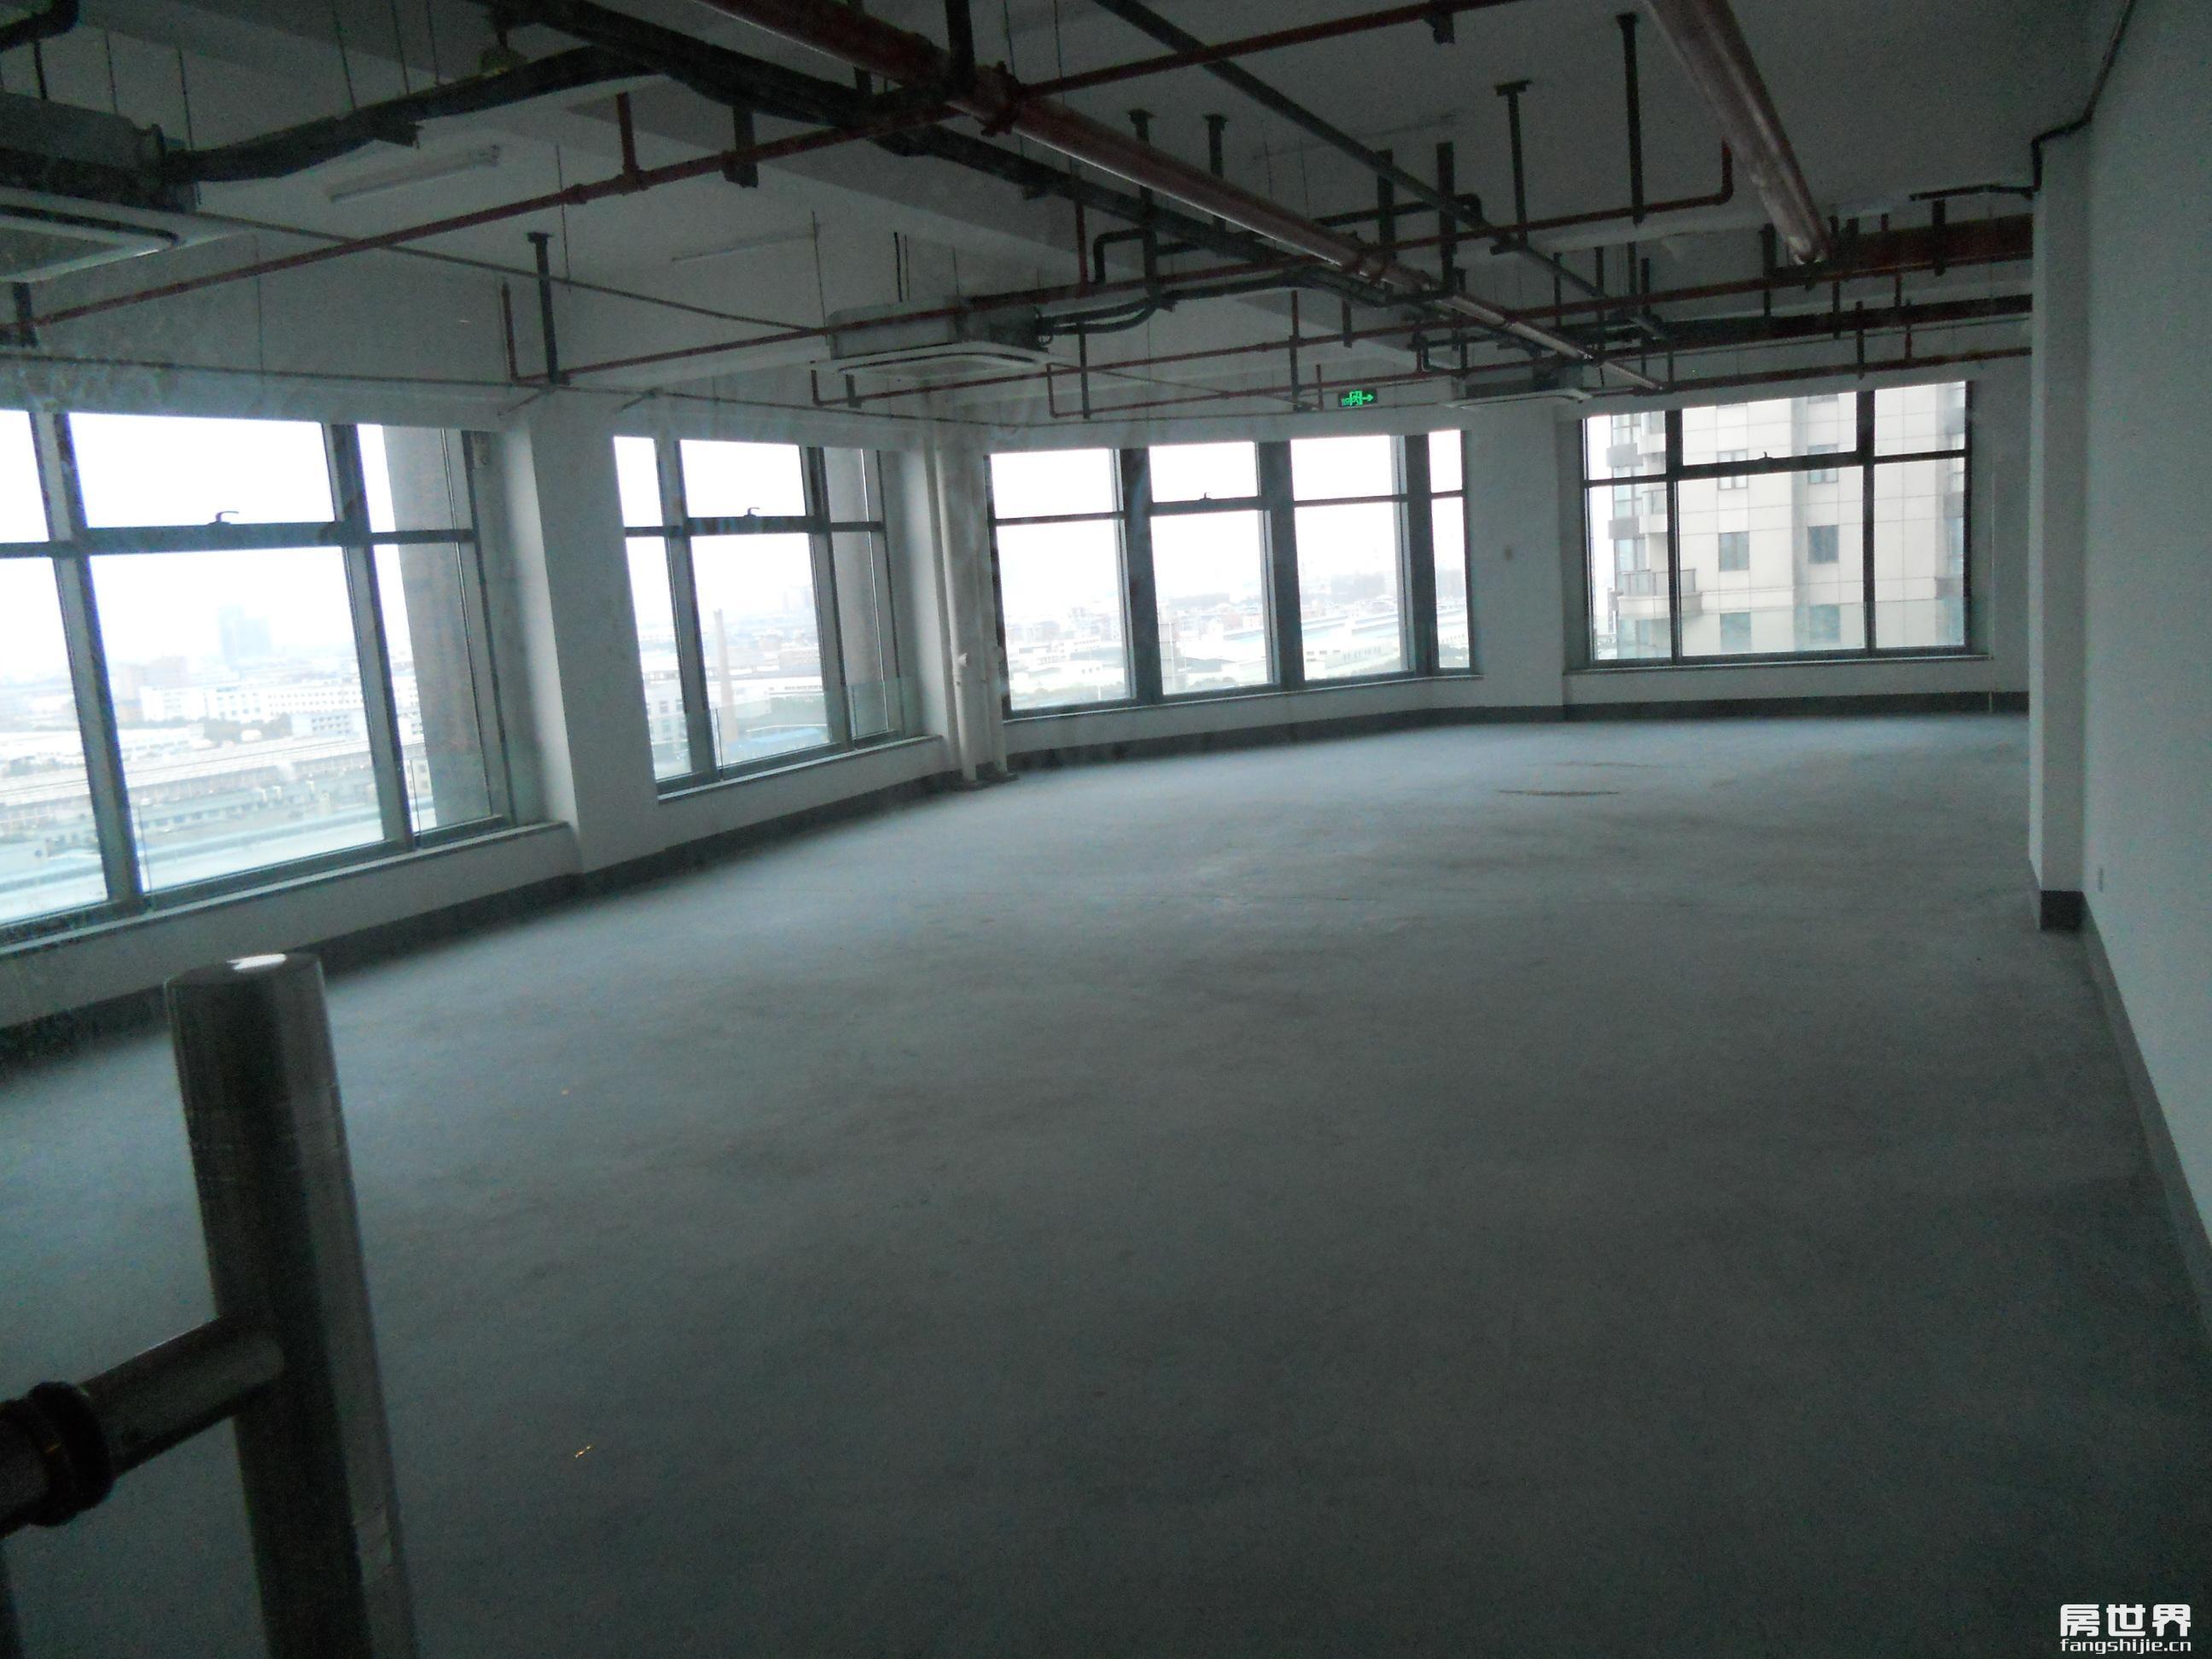 東方世紀中心1305室東北向264方 (1).JPG